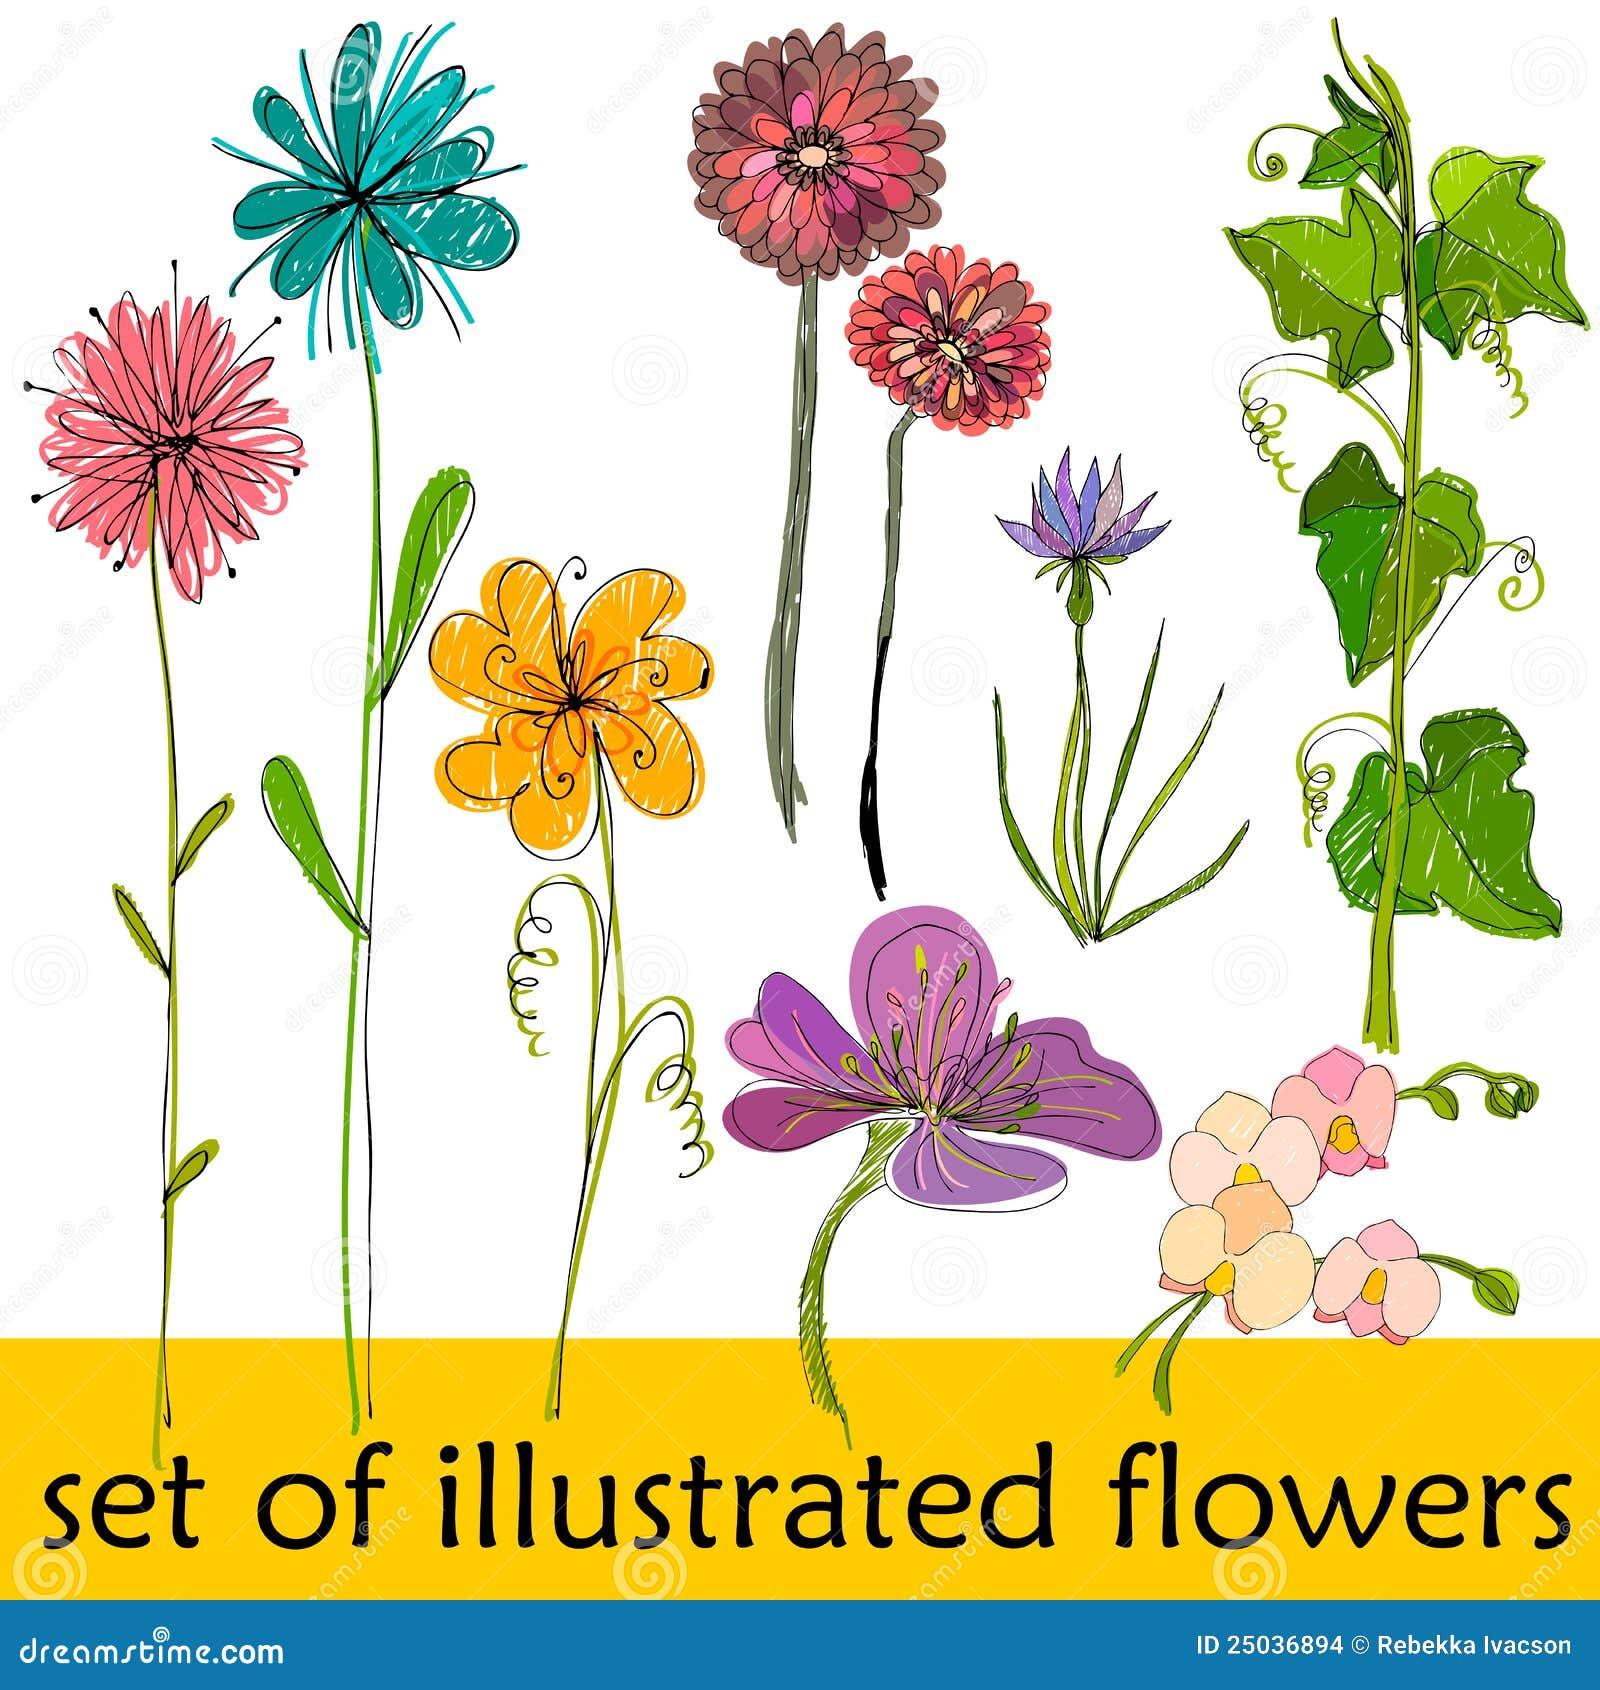 Gulliga blommor illustrerad set